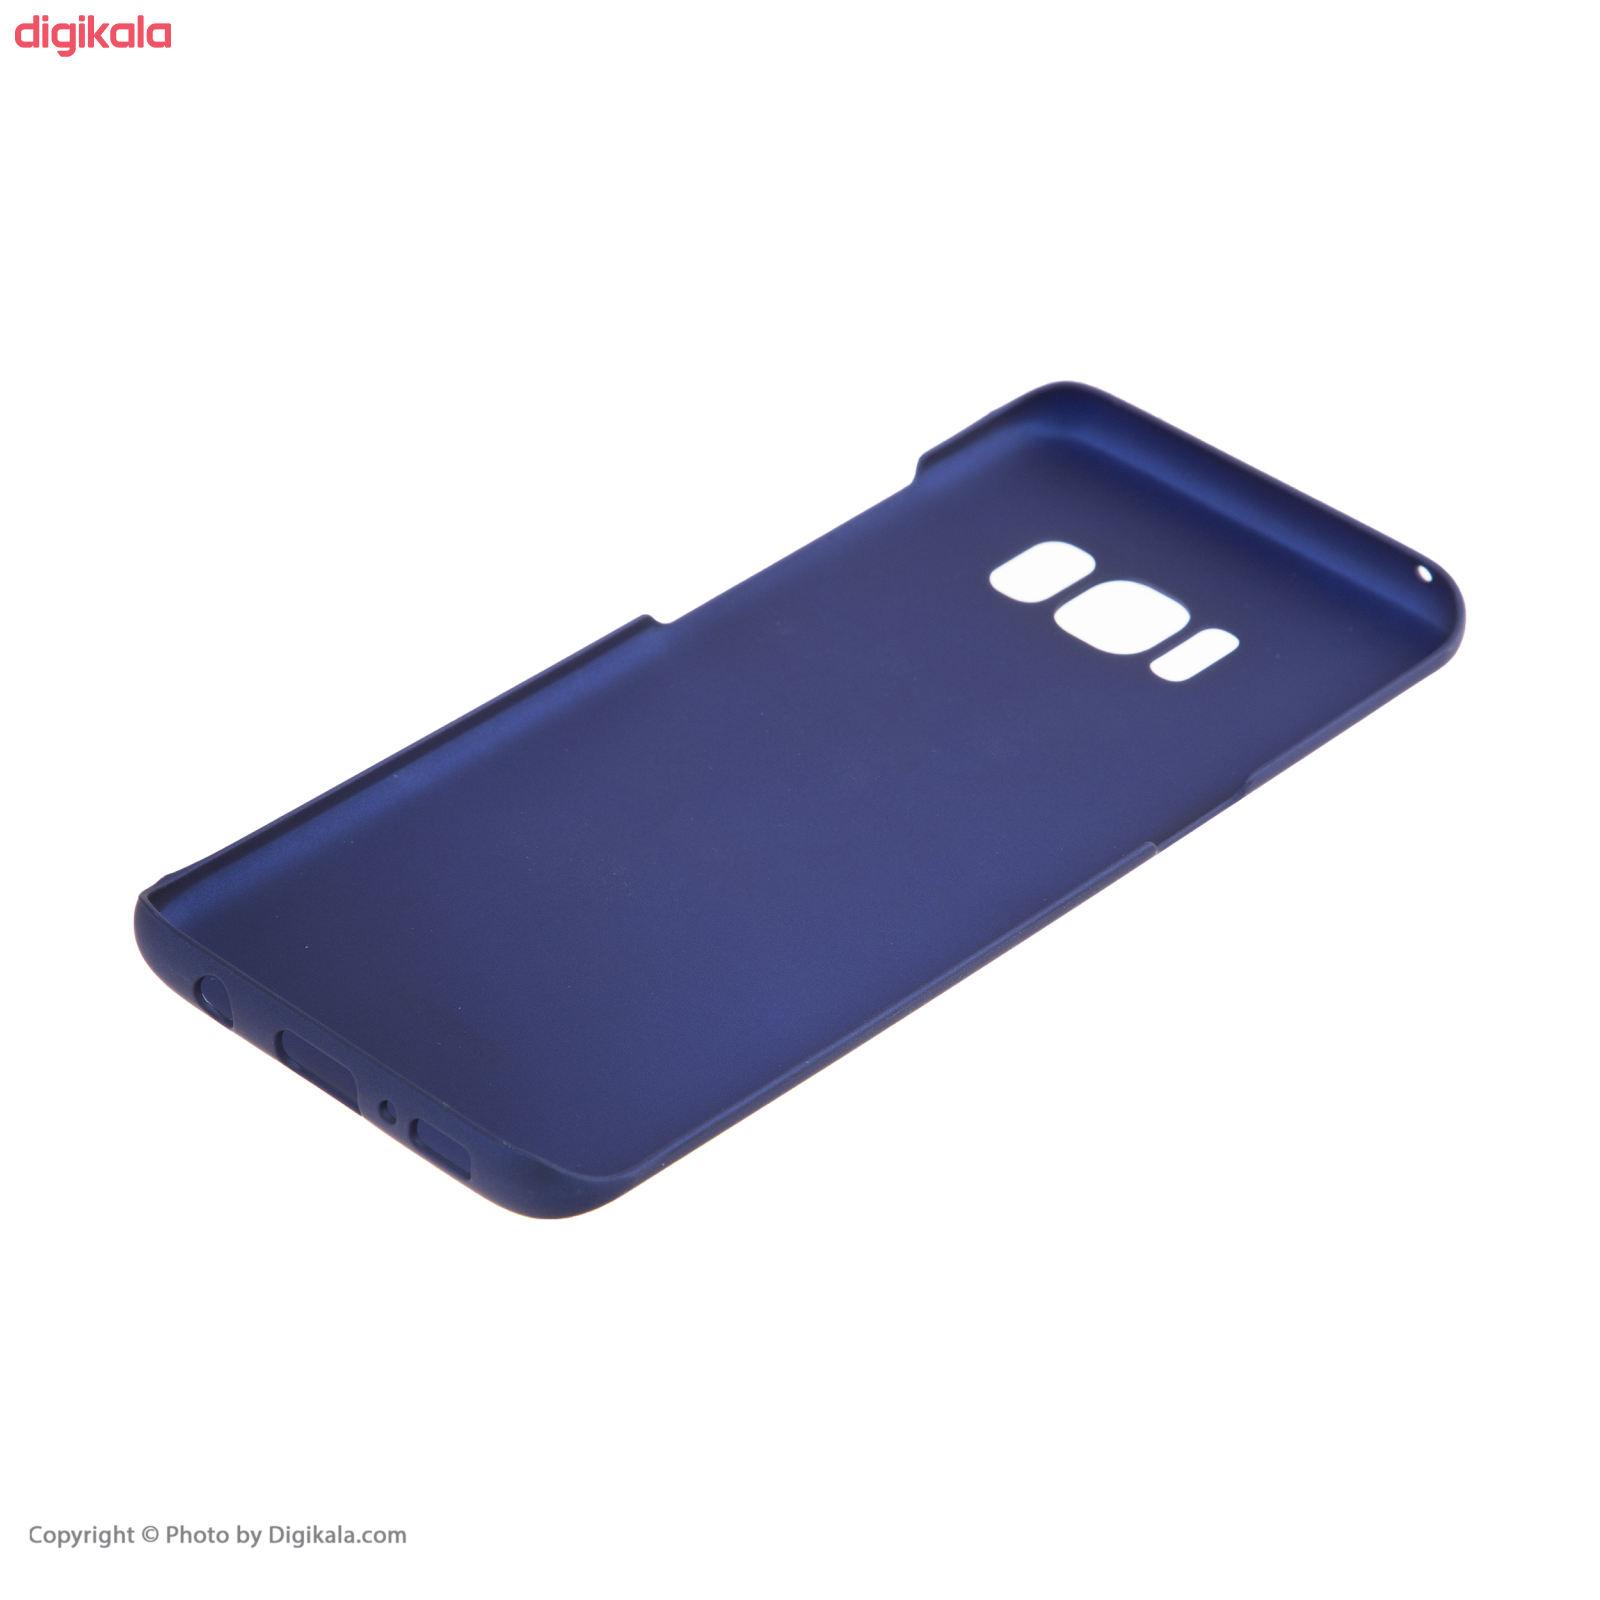 کاور جوی روم مدل JR-BP276 مناسب برای گوشی موبایل سامسونگGalaxy S8 main 1 1